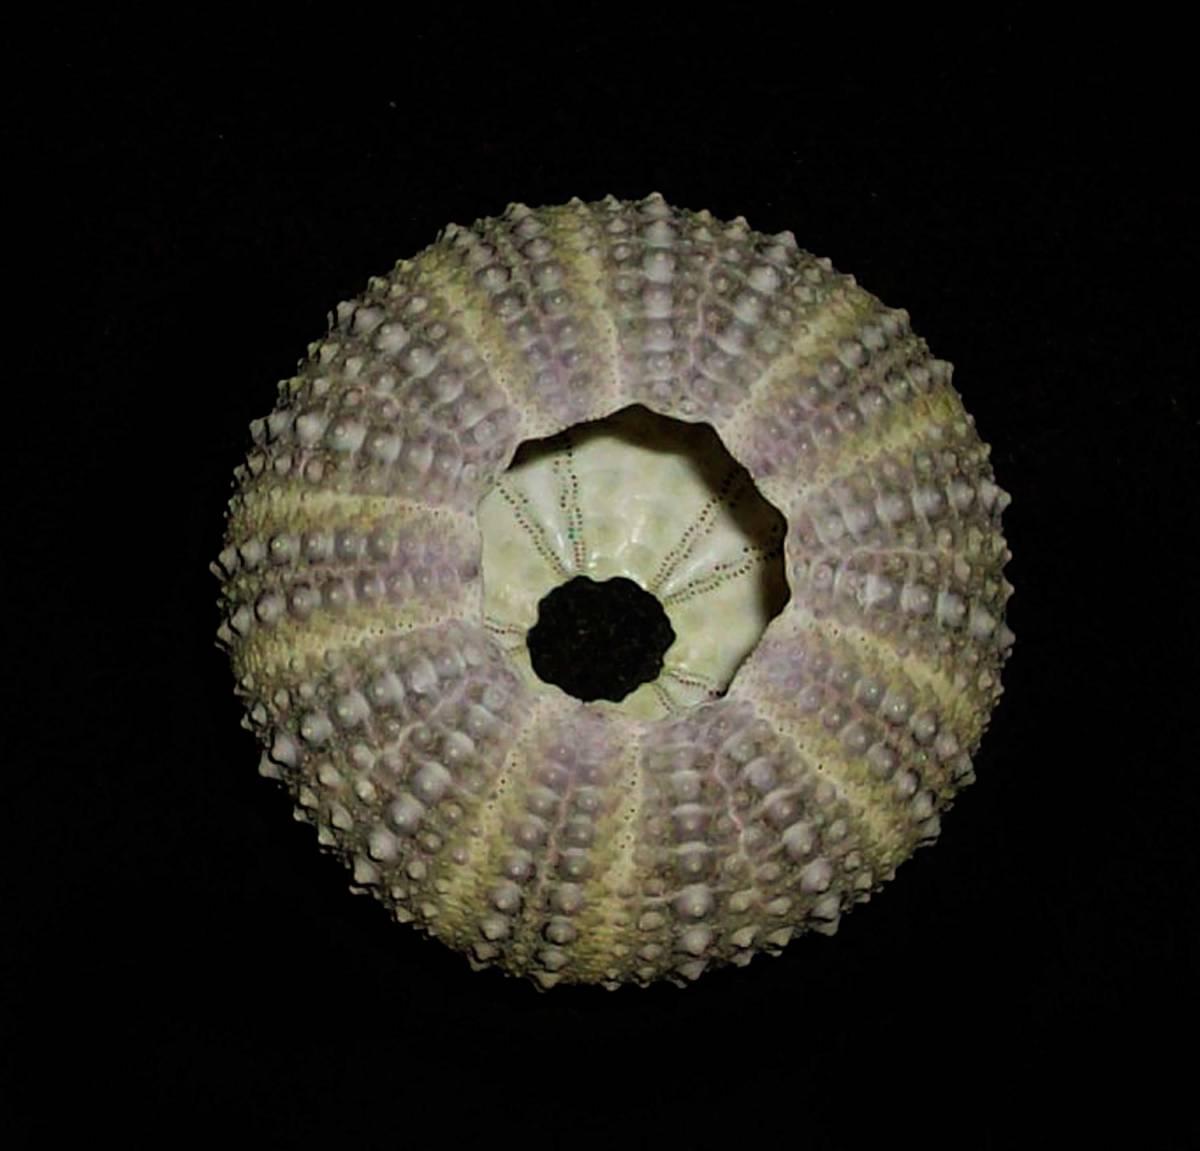 ☆☆☆ J ウニ 殻 検 標本 エーゲ海のウニ 3.5cm位 検 オブジェ インテリア 貝 貝殻 クラフト パーツ 素材_画像4